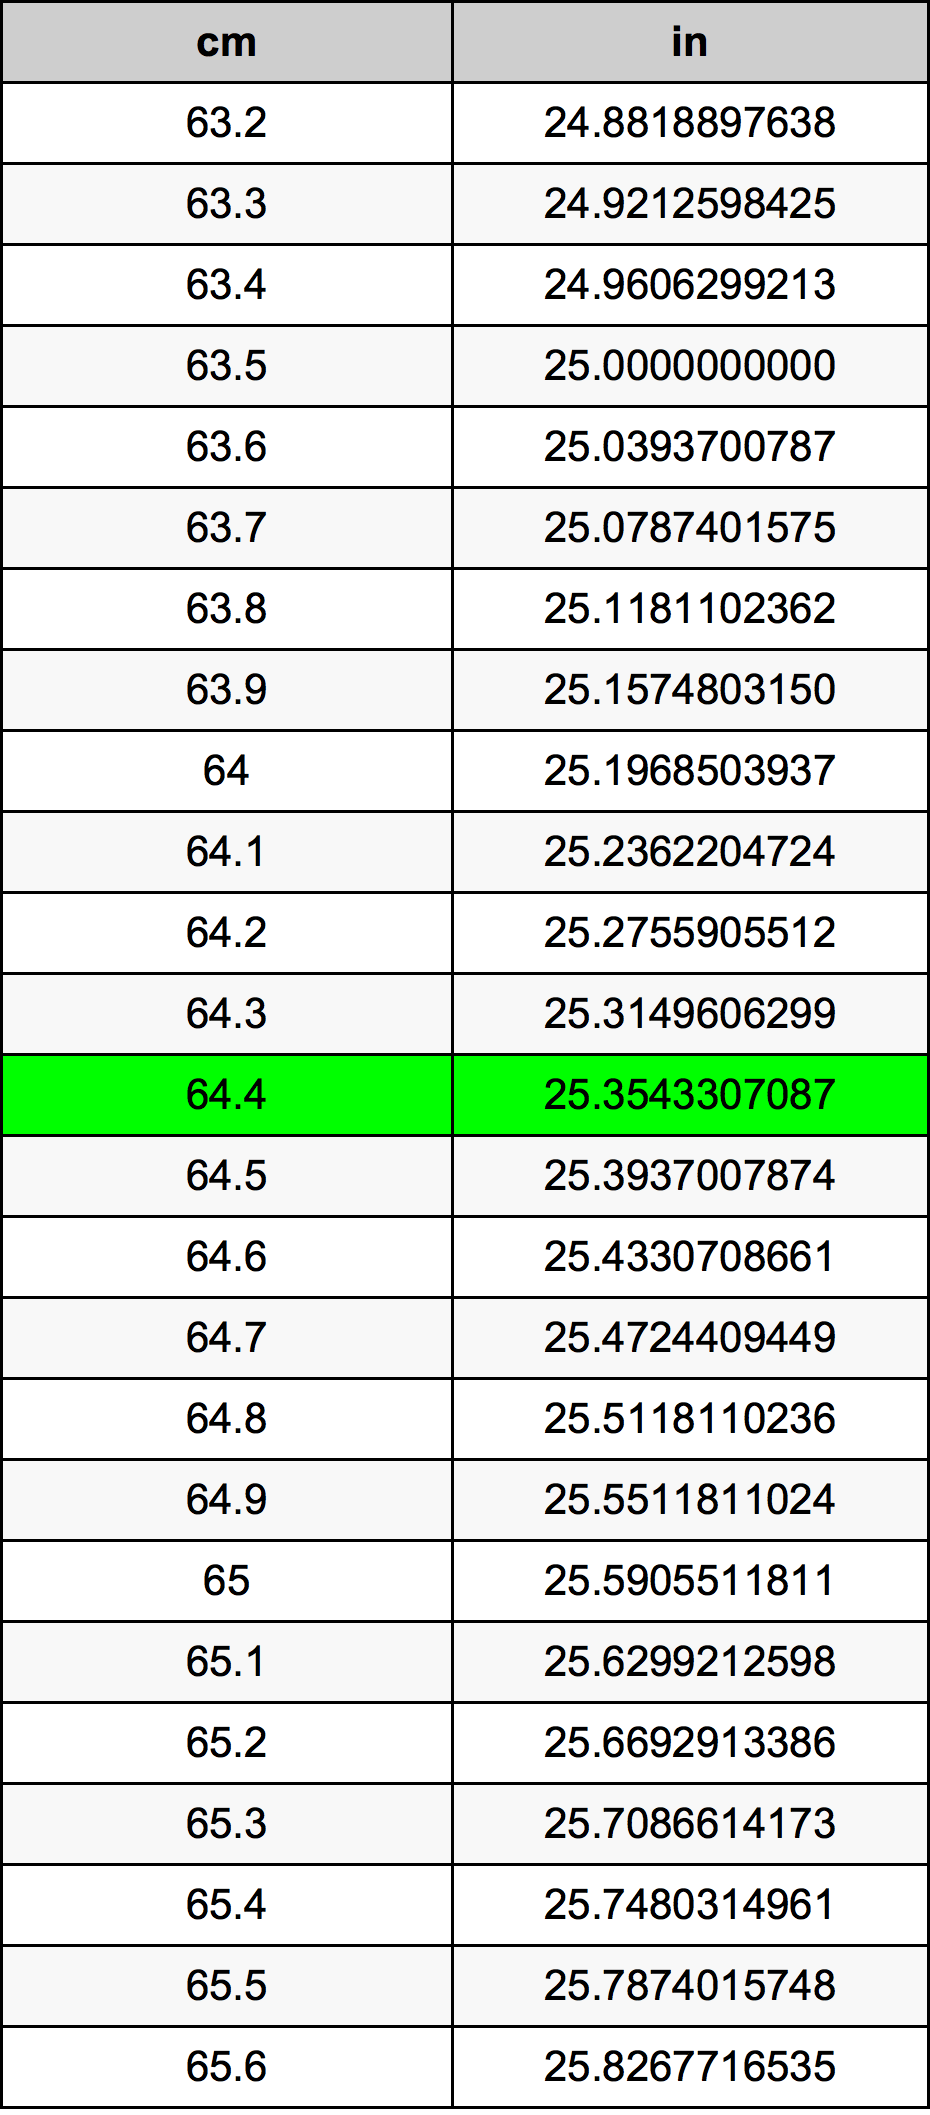 64.4 Centymetr tabela przeliczeniowa